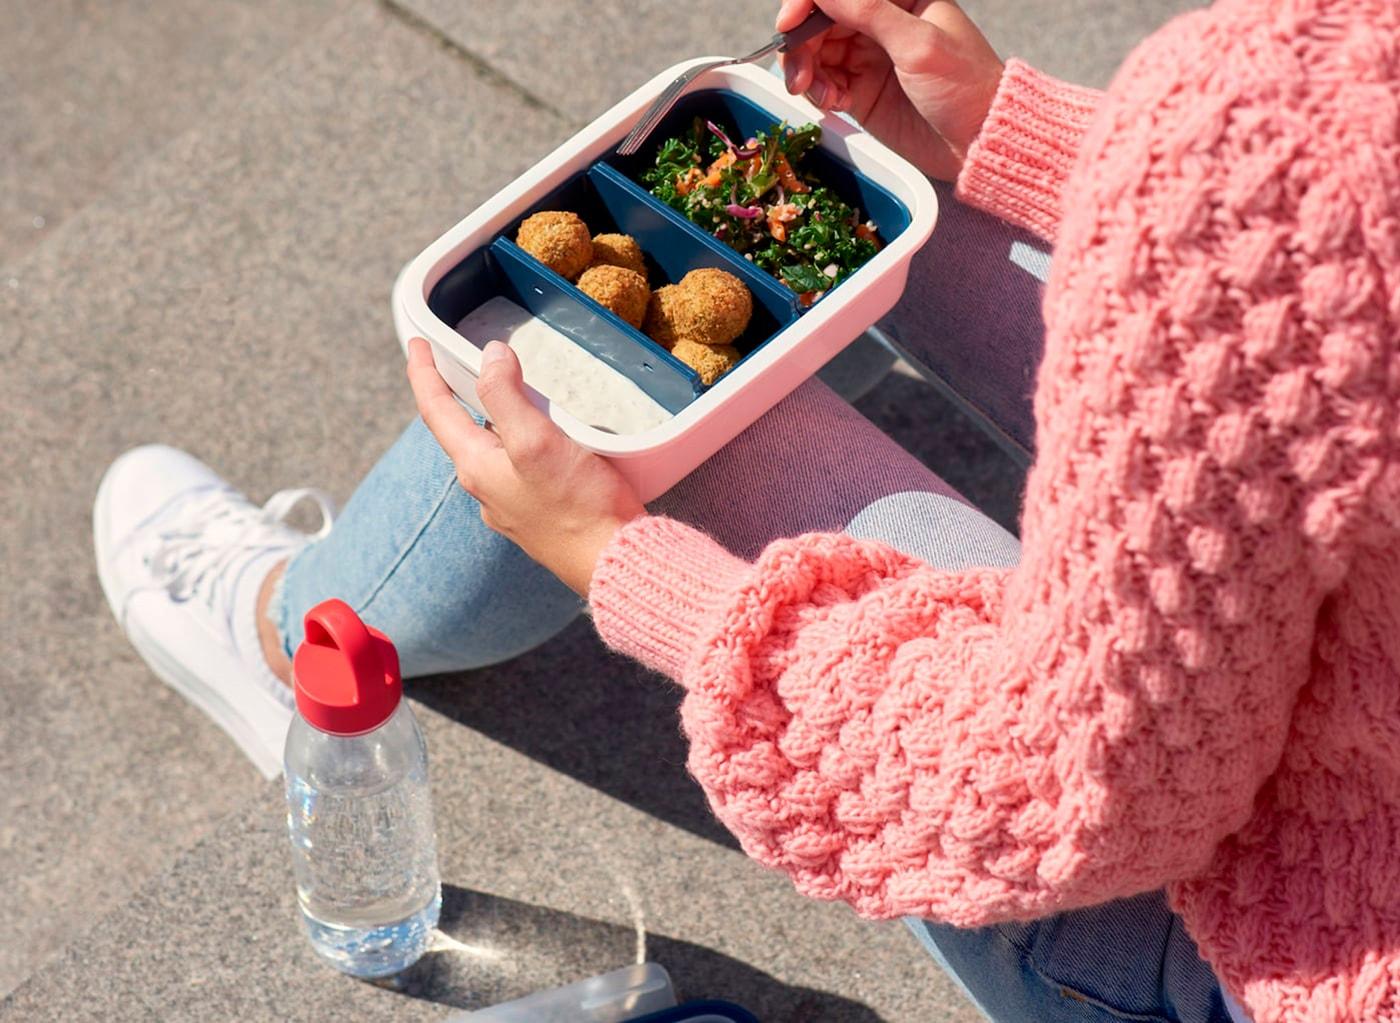 امرأة تأكل من حافظةطعام بلاستيك من ايكيا، مع زجاجة بلاستيكشفافة مملوءة بالماء بجانبها.